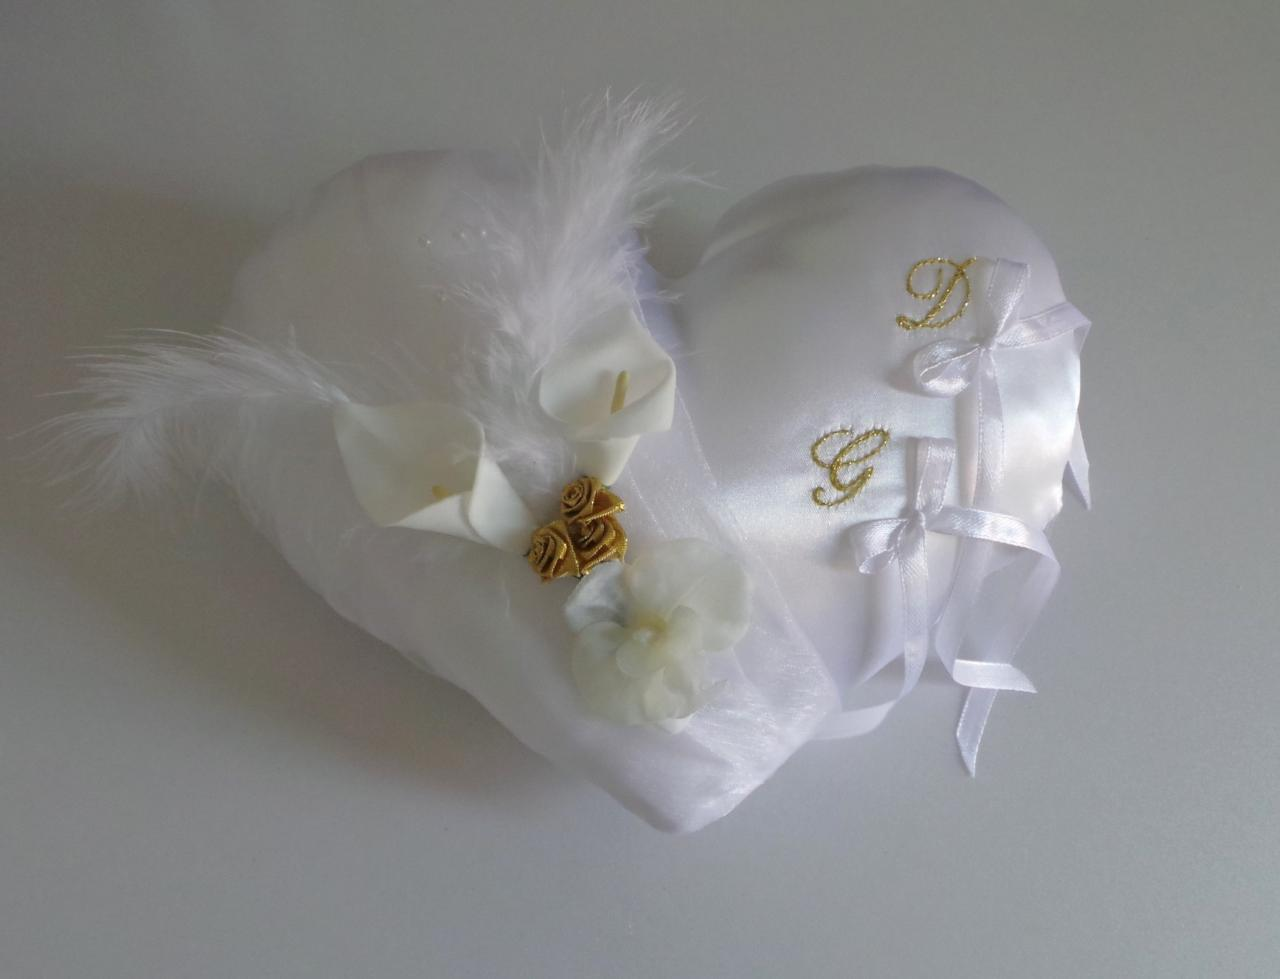 Coussin de mariage coeur blanc et or